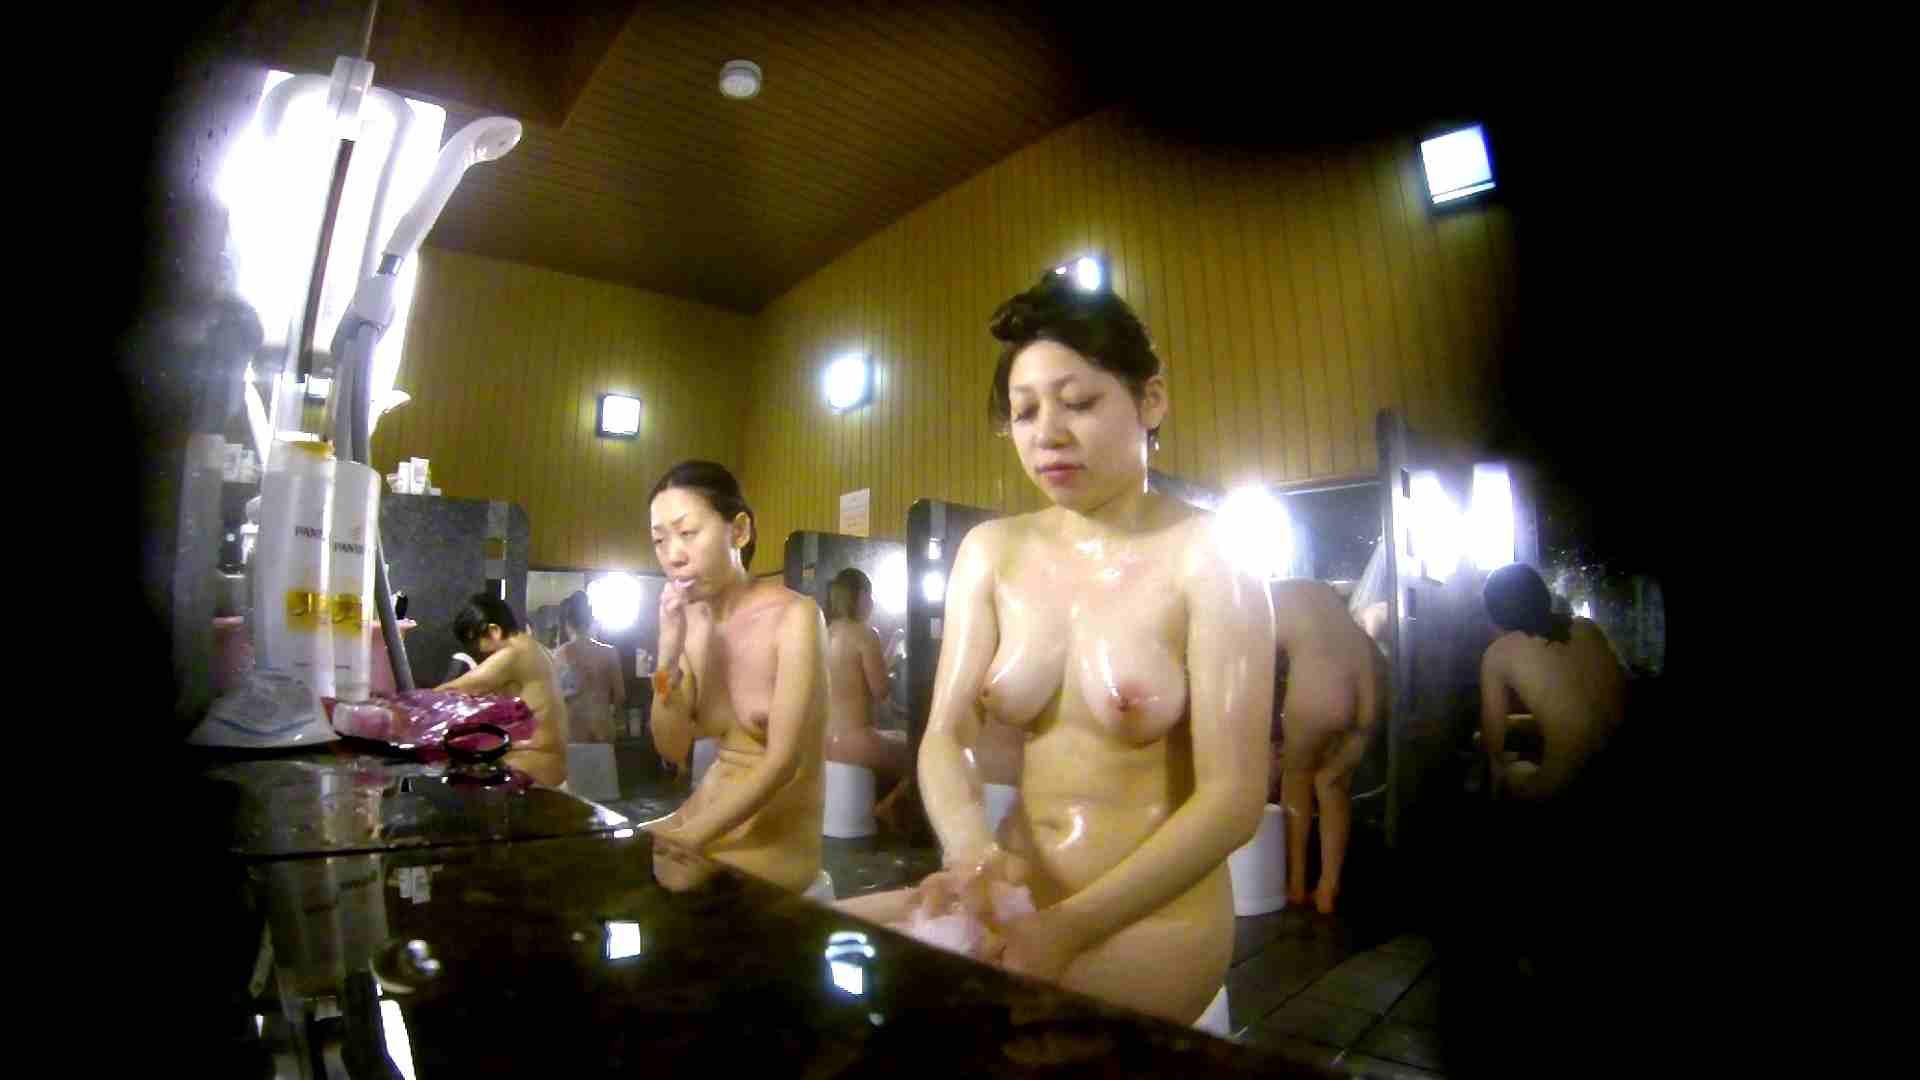 洗い場!柔らかそうな身体は良いけど、歯磨きが下品です。 垂れ乳 おめこ無修正画像 107画像 69